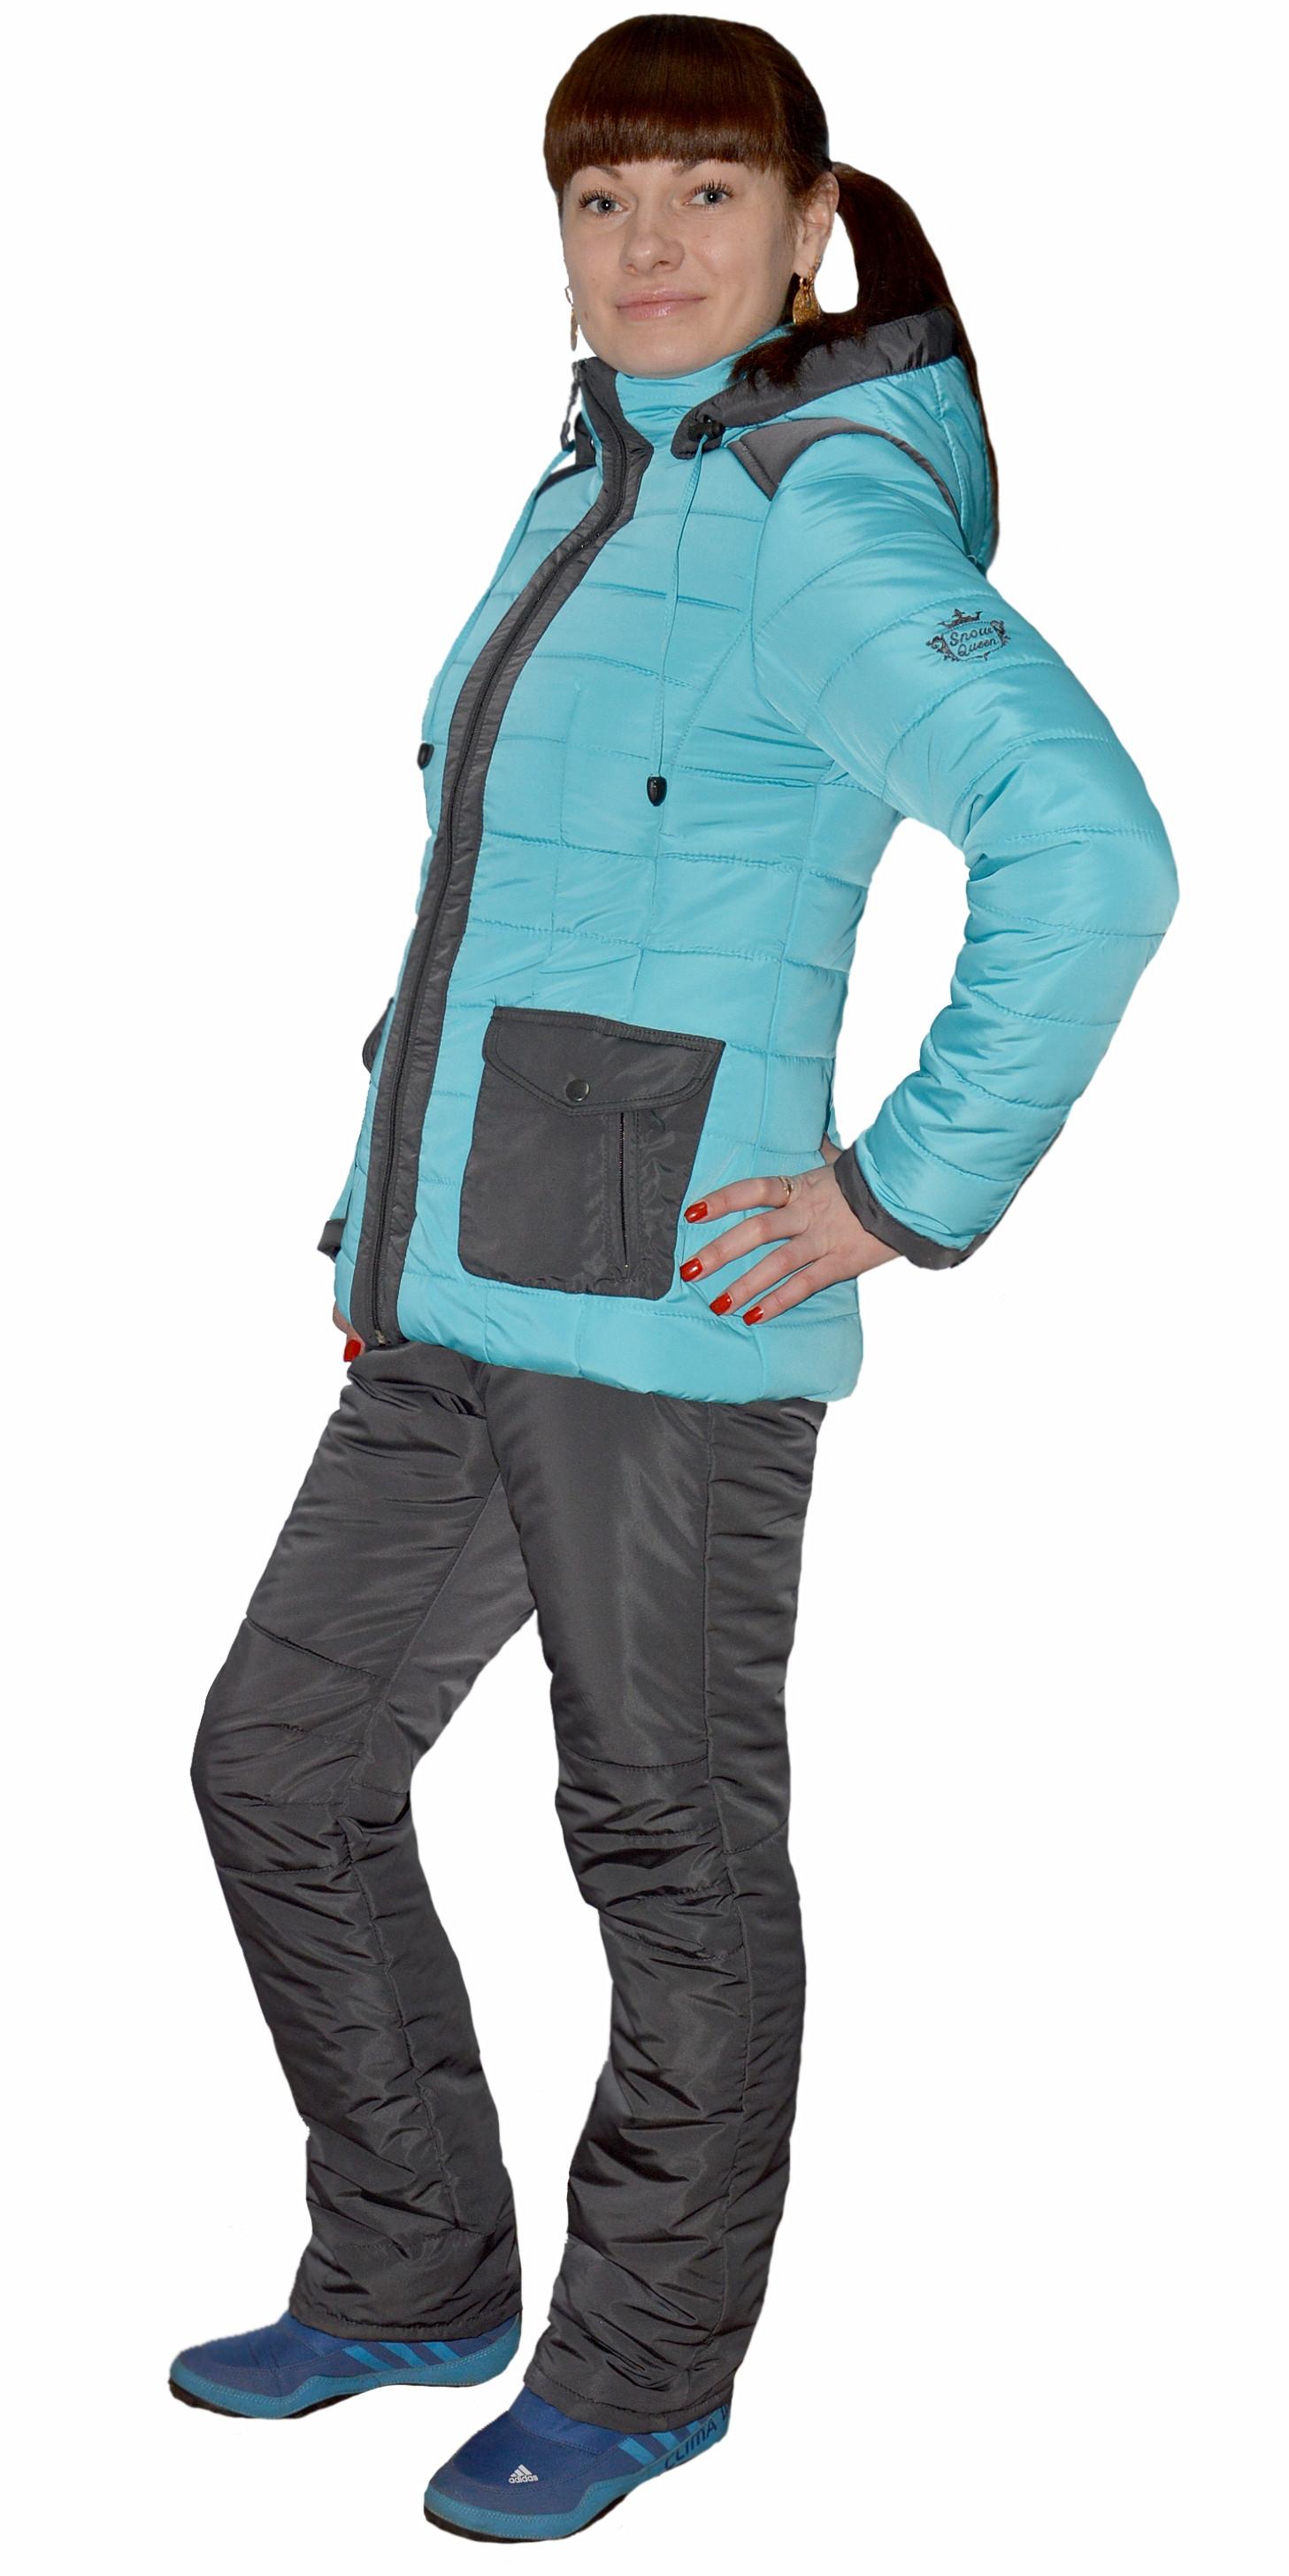 СБОР ЗАКРЫТ. Зимние костюмы для женщин и мужчин от производителя! Цены на костюмы от 2700!